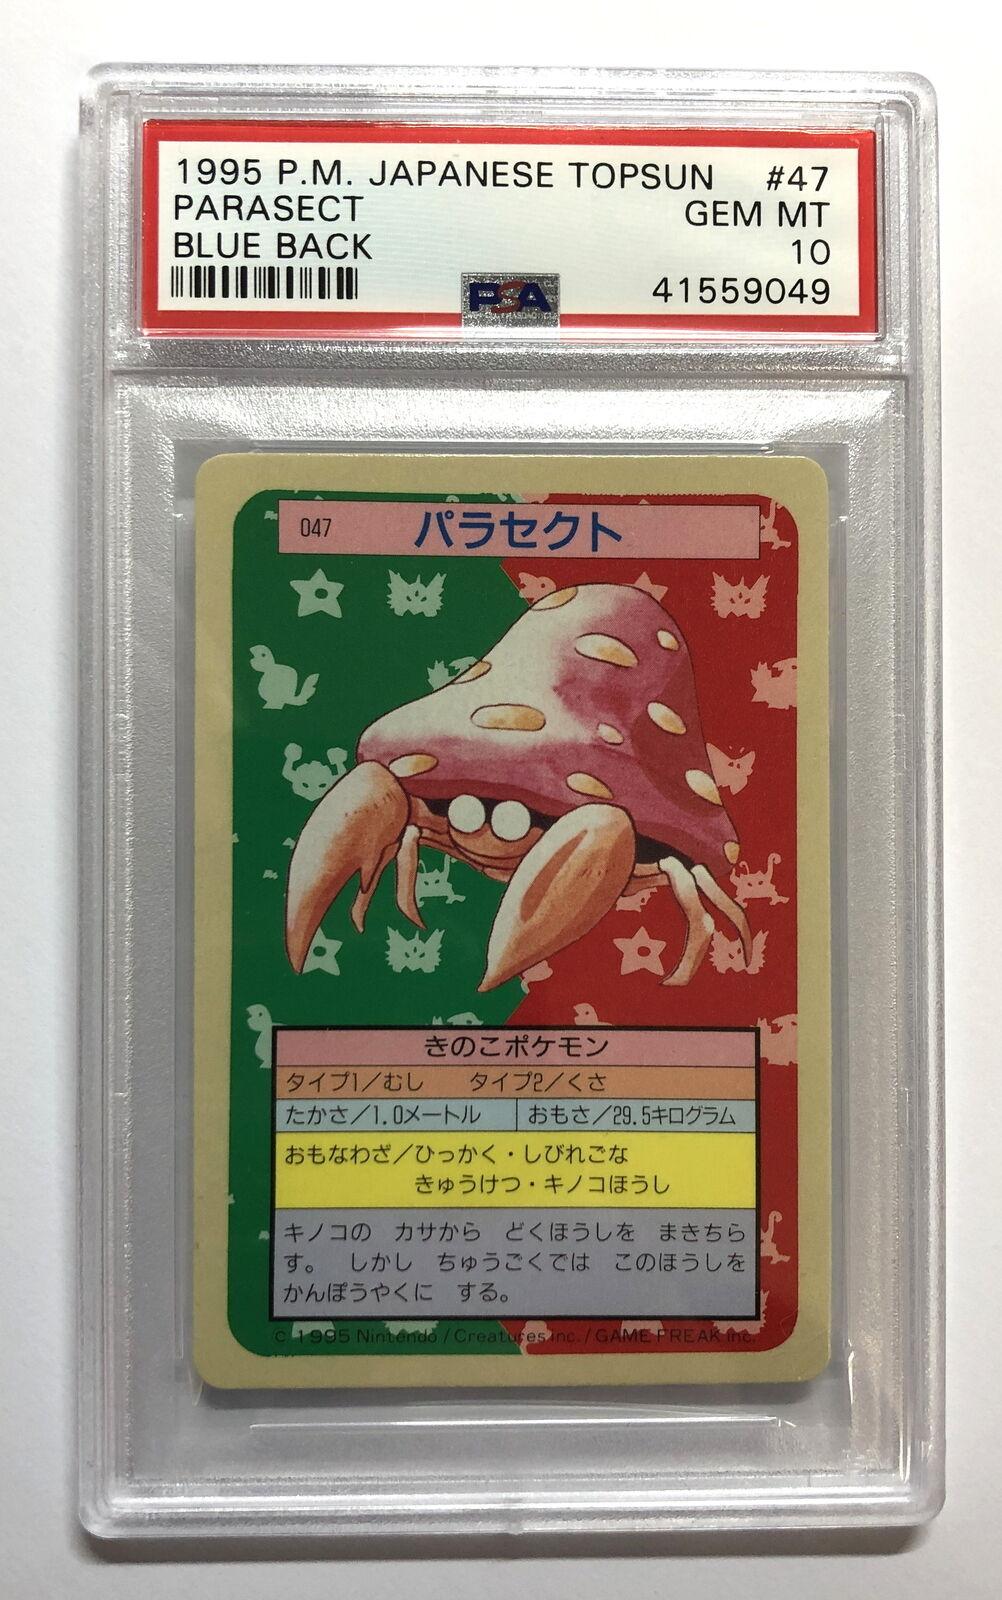 ポケモンPSA 10ジェムミント1995パラシュートトップサンブルーバック日本プロモ